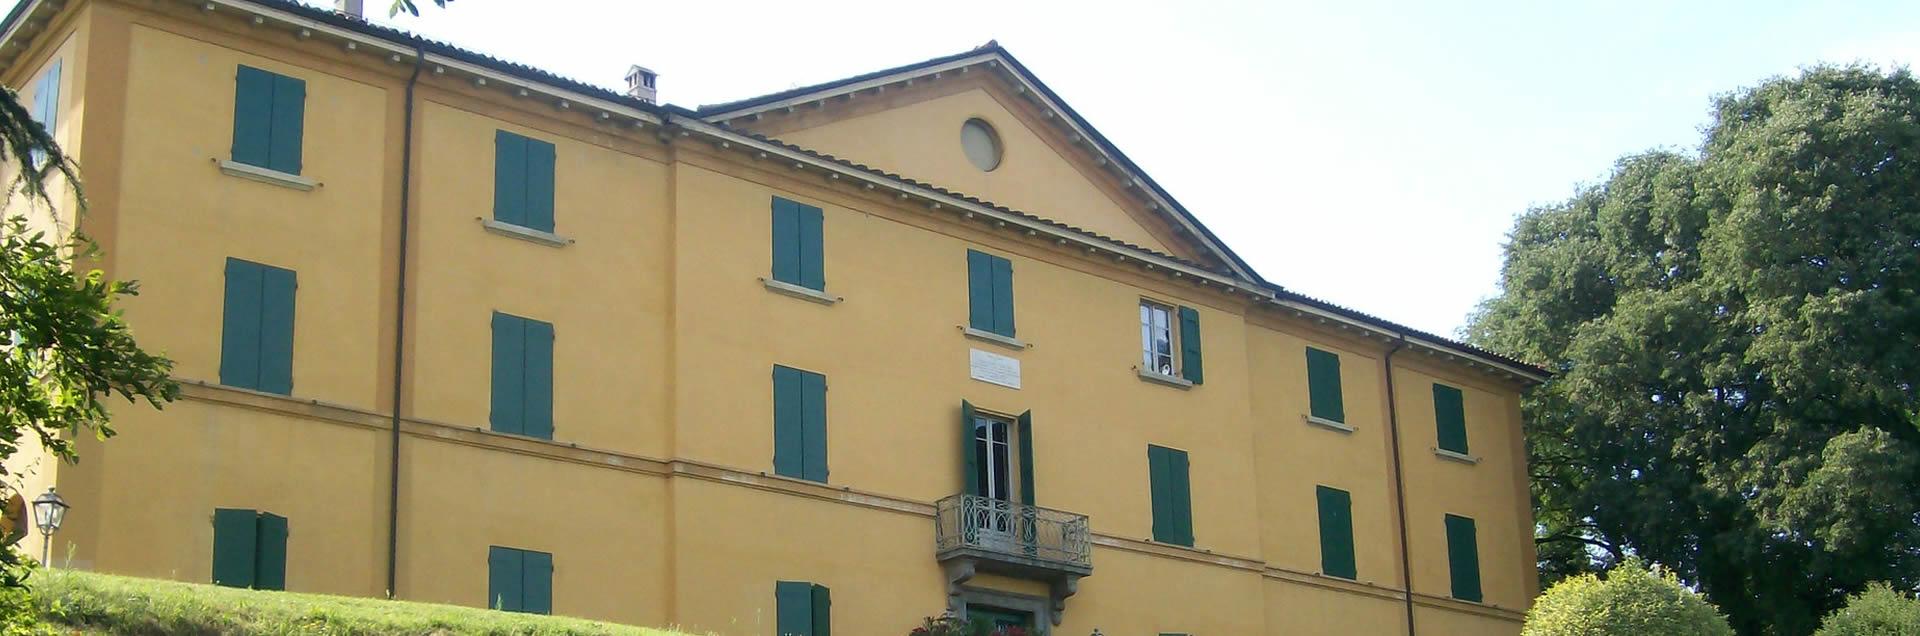 Museo Guglielmo Marconi